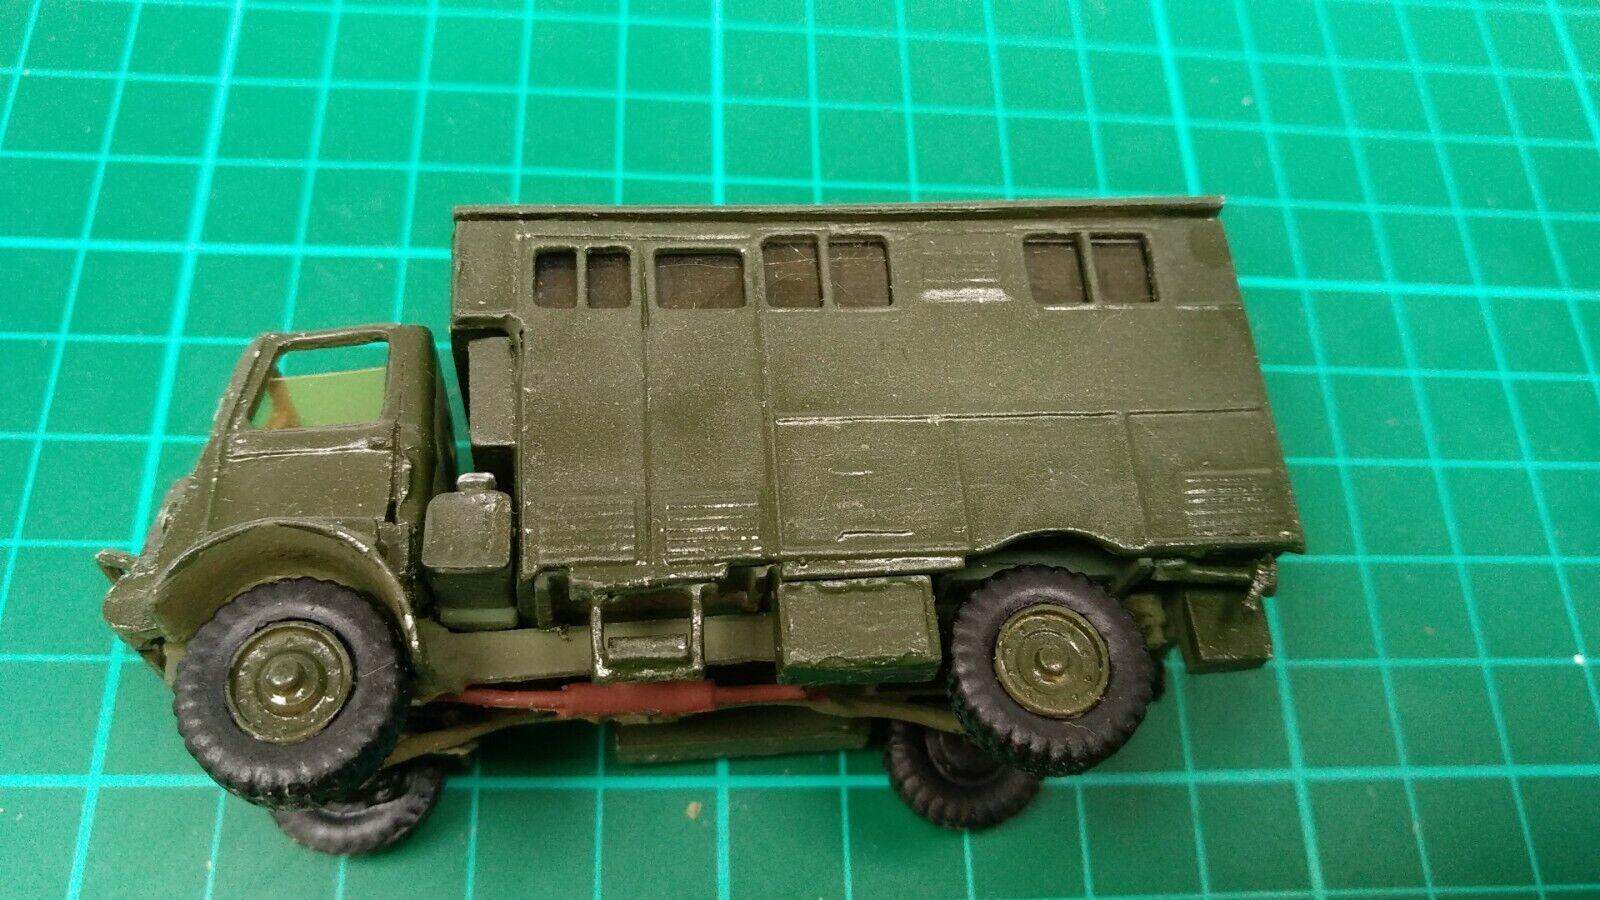 Bedford Ql GS abierto camión Ejército Británico Normandía 1944 Segunda Guerra Mundial Modelo De Juguete De Metal Camión